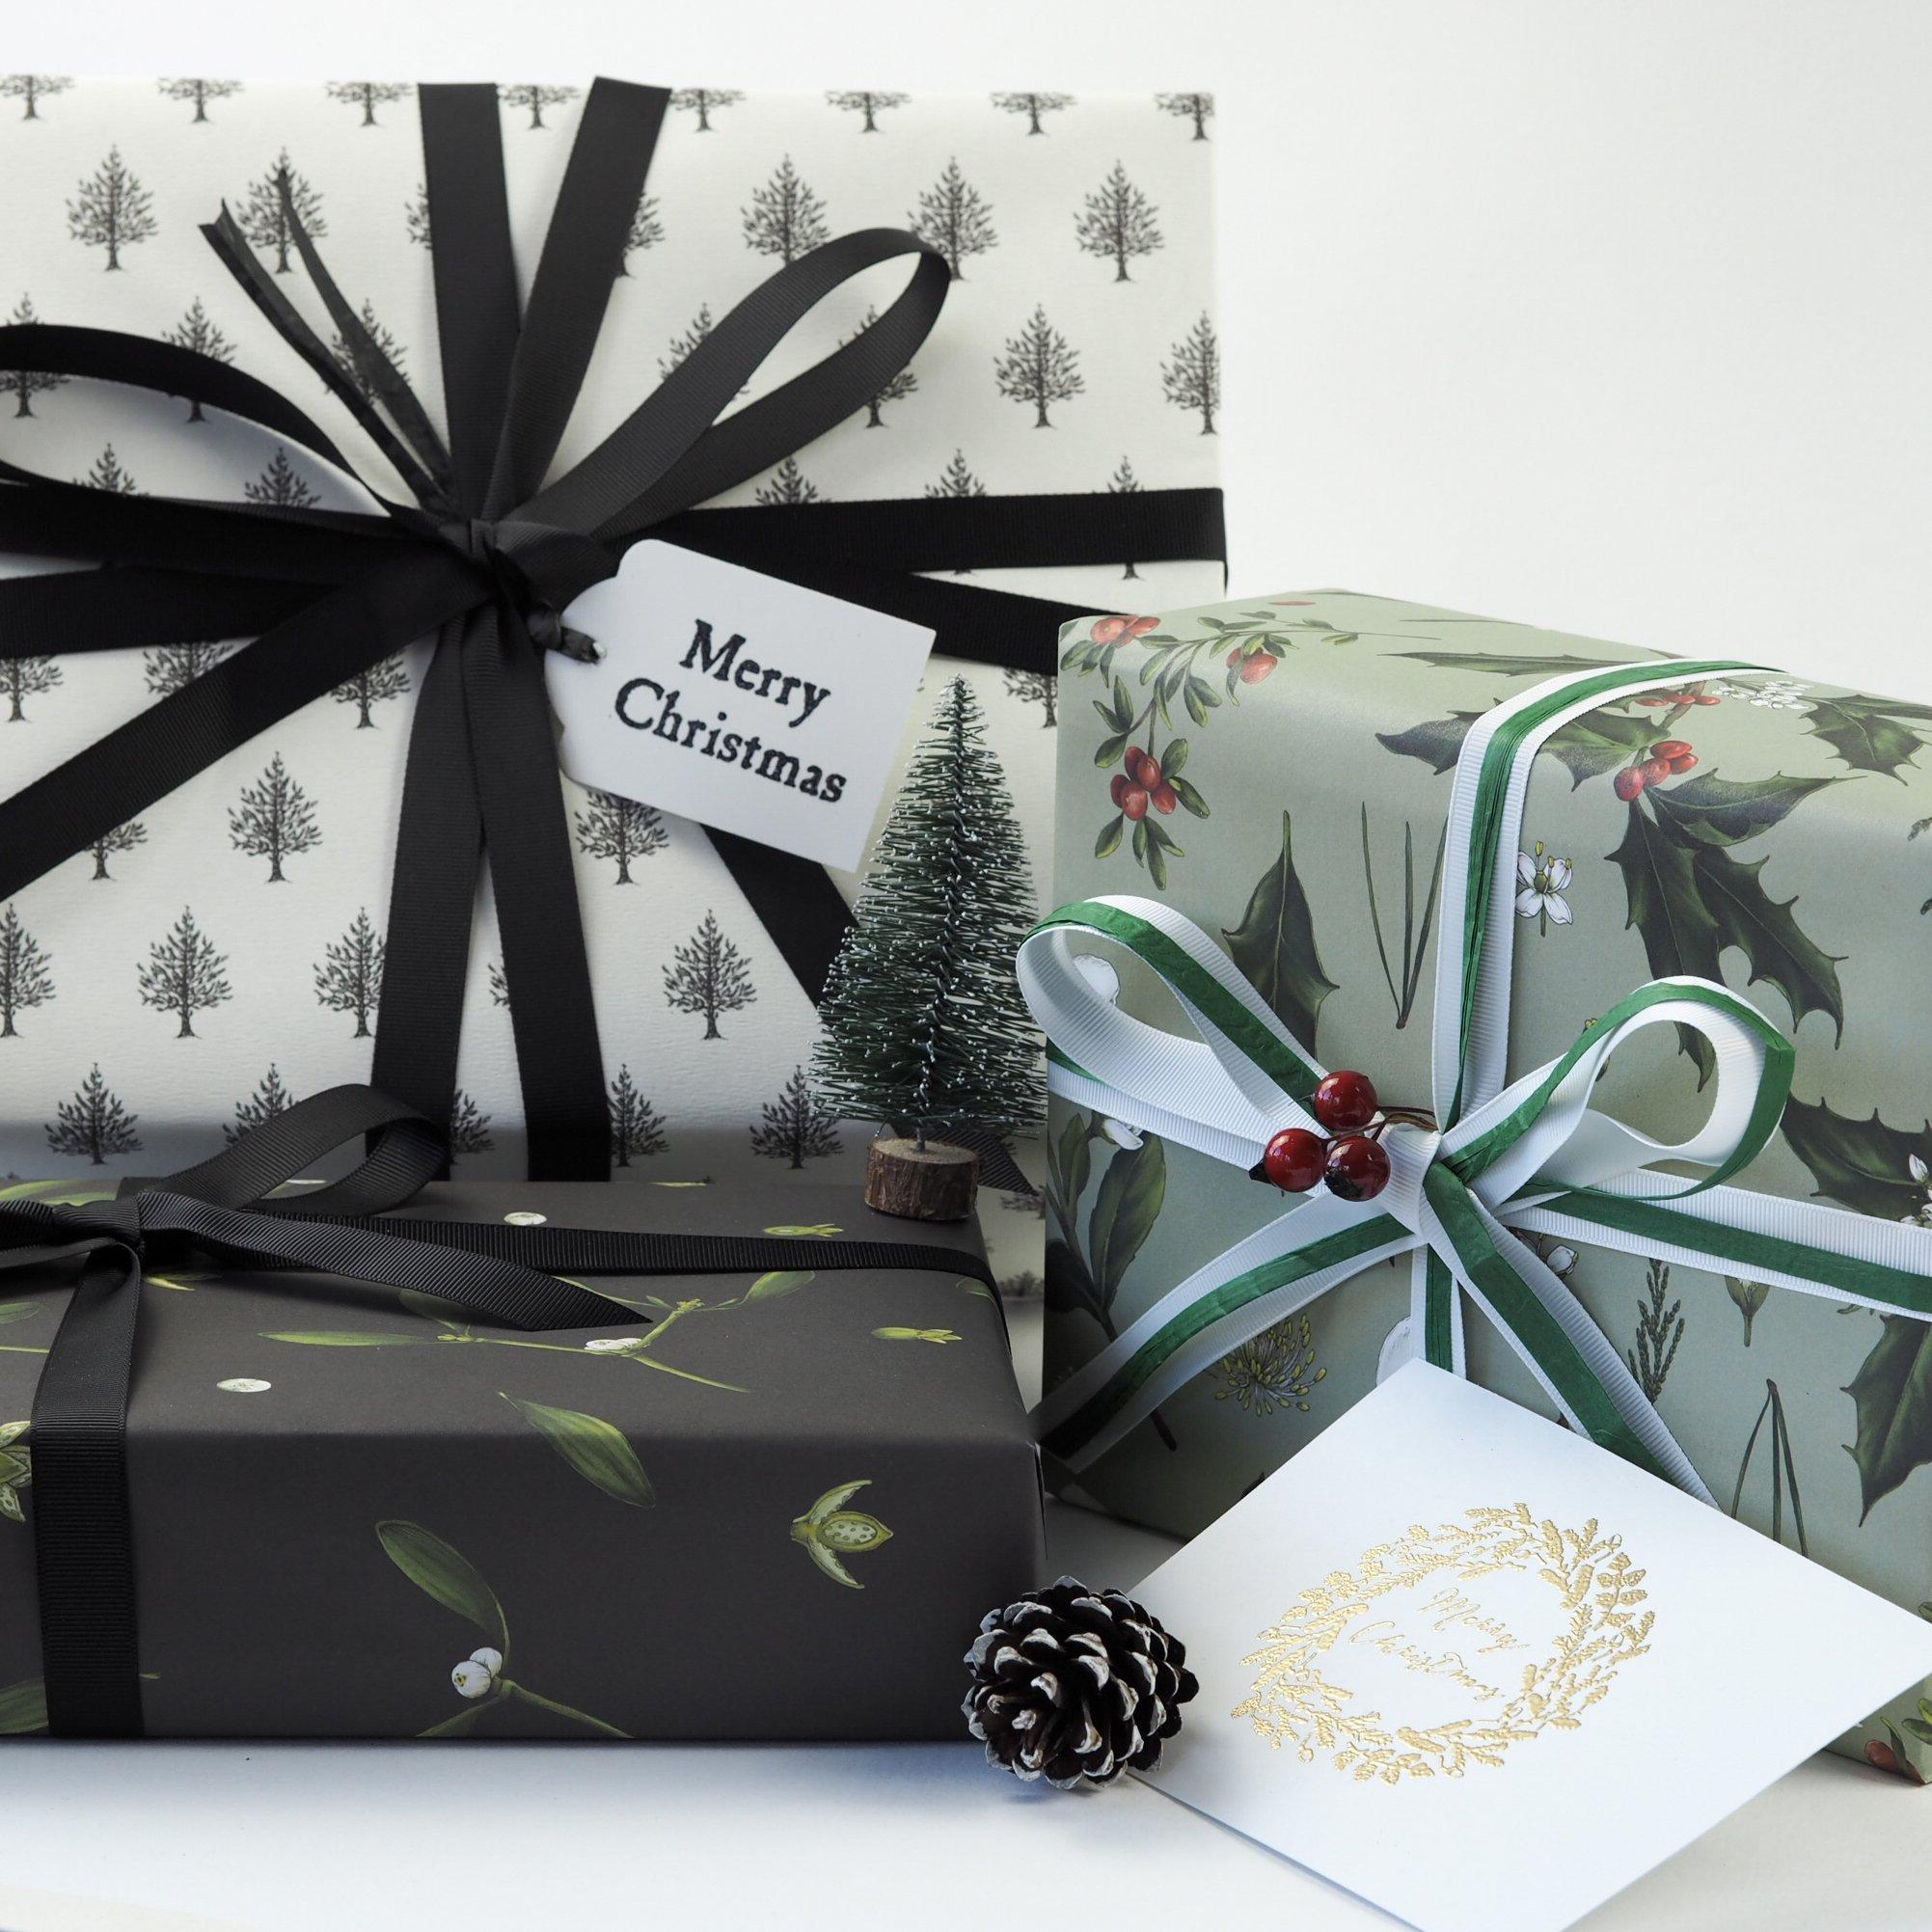 Christmas_Wrapping3_dd391bb2-bd88-4305-a66a-23acc2db0116_2048x2048.jpg